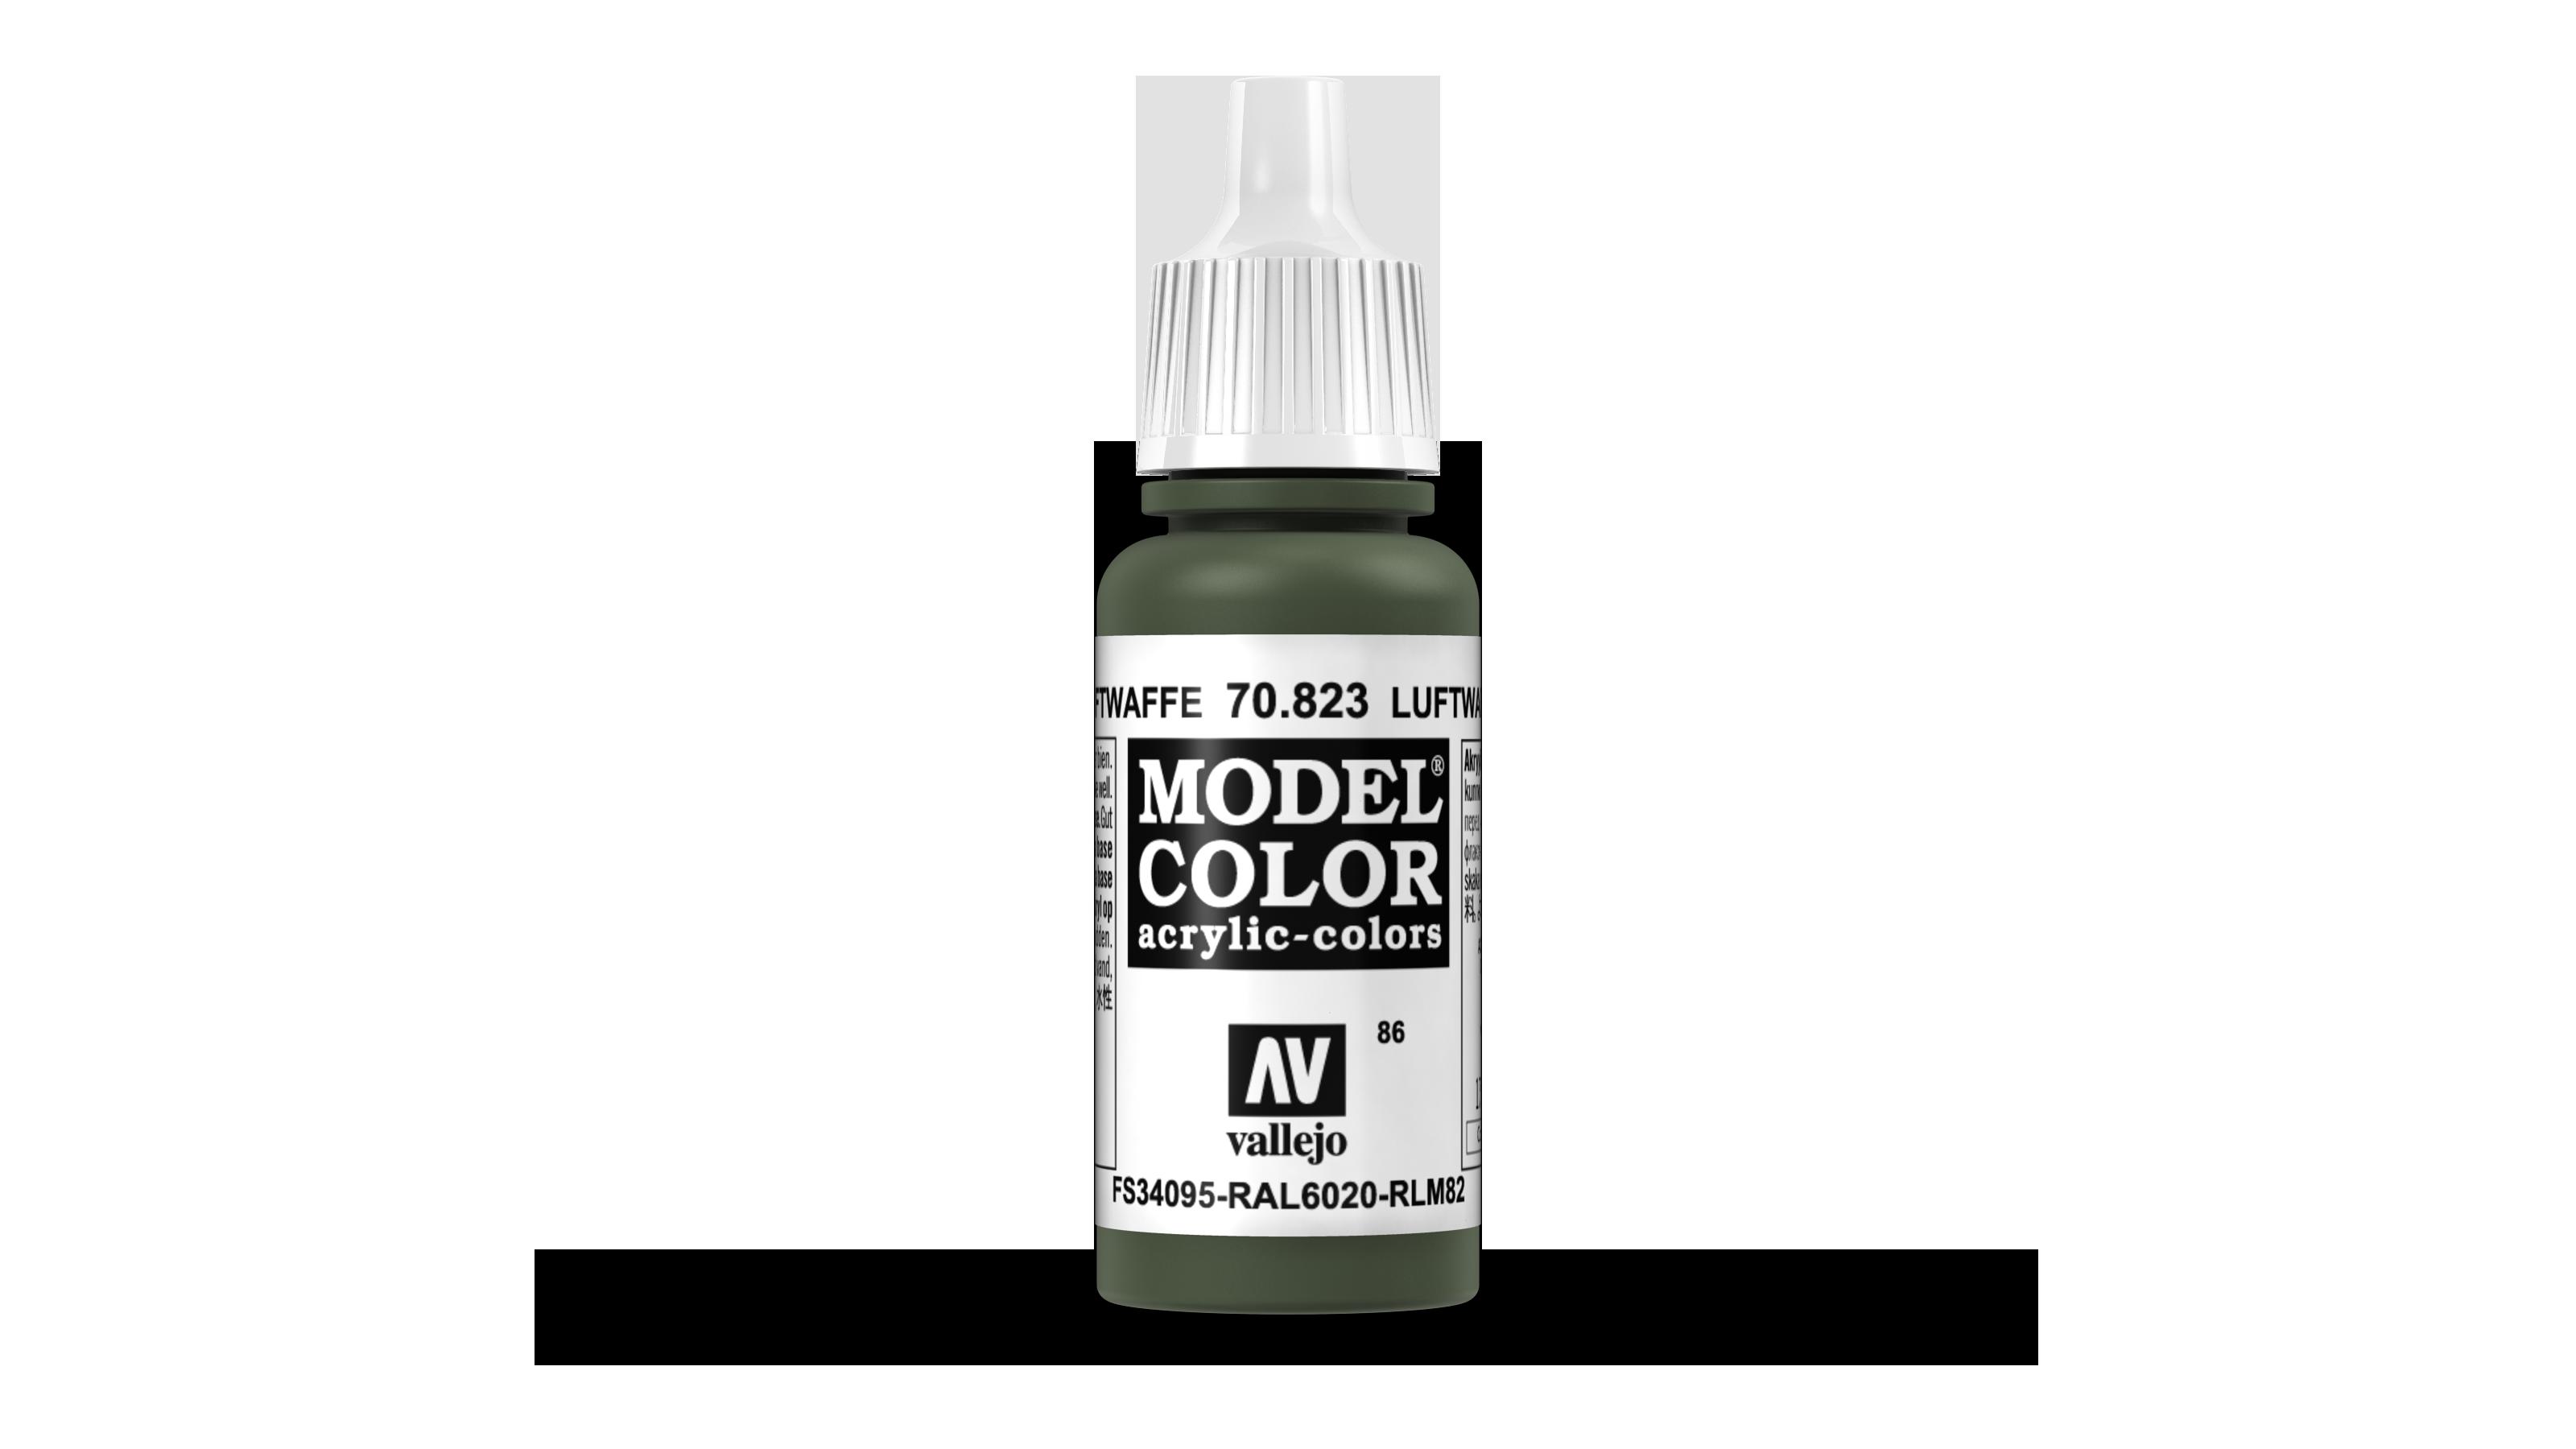 Model color -Luftwaffe cam. green